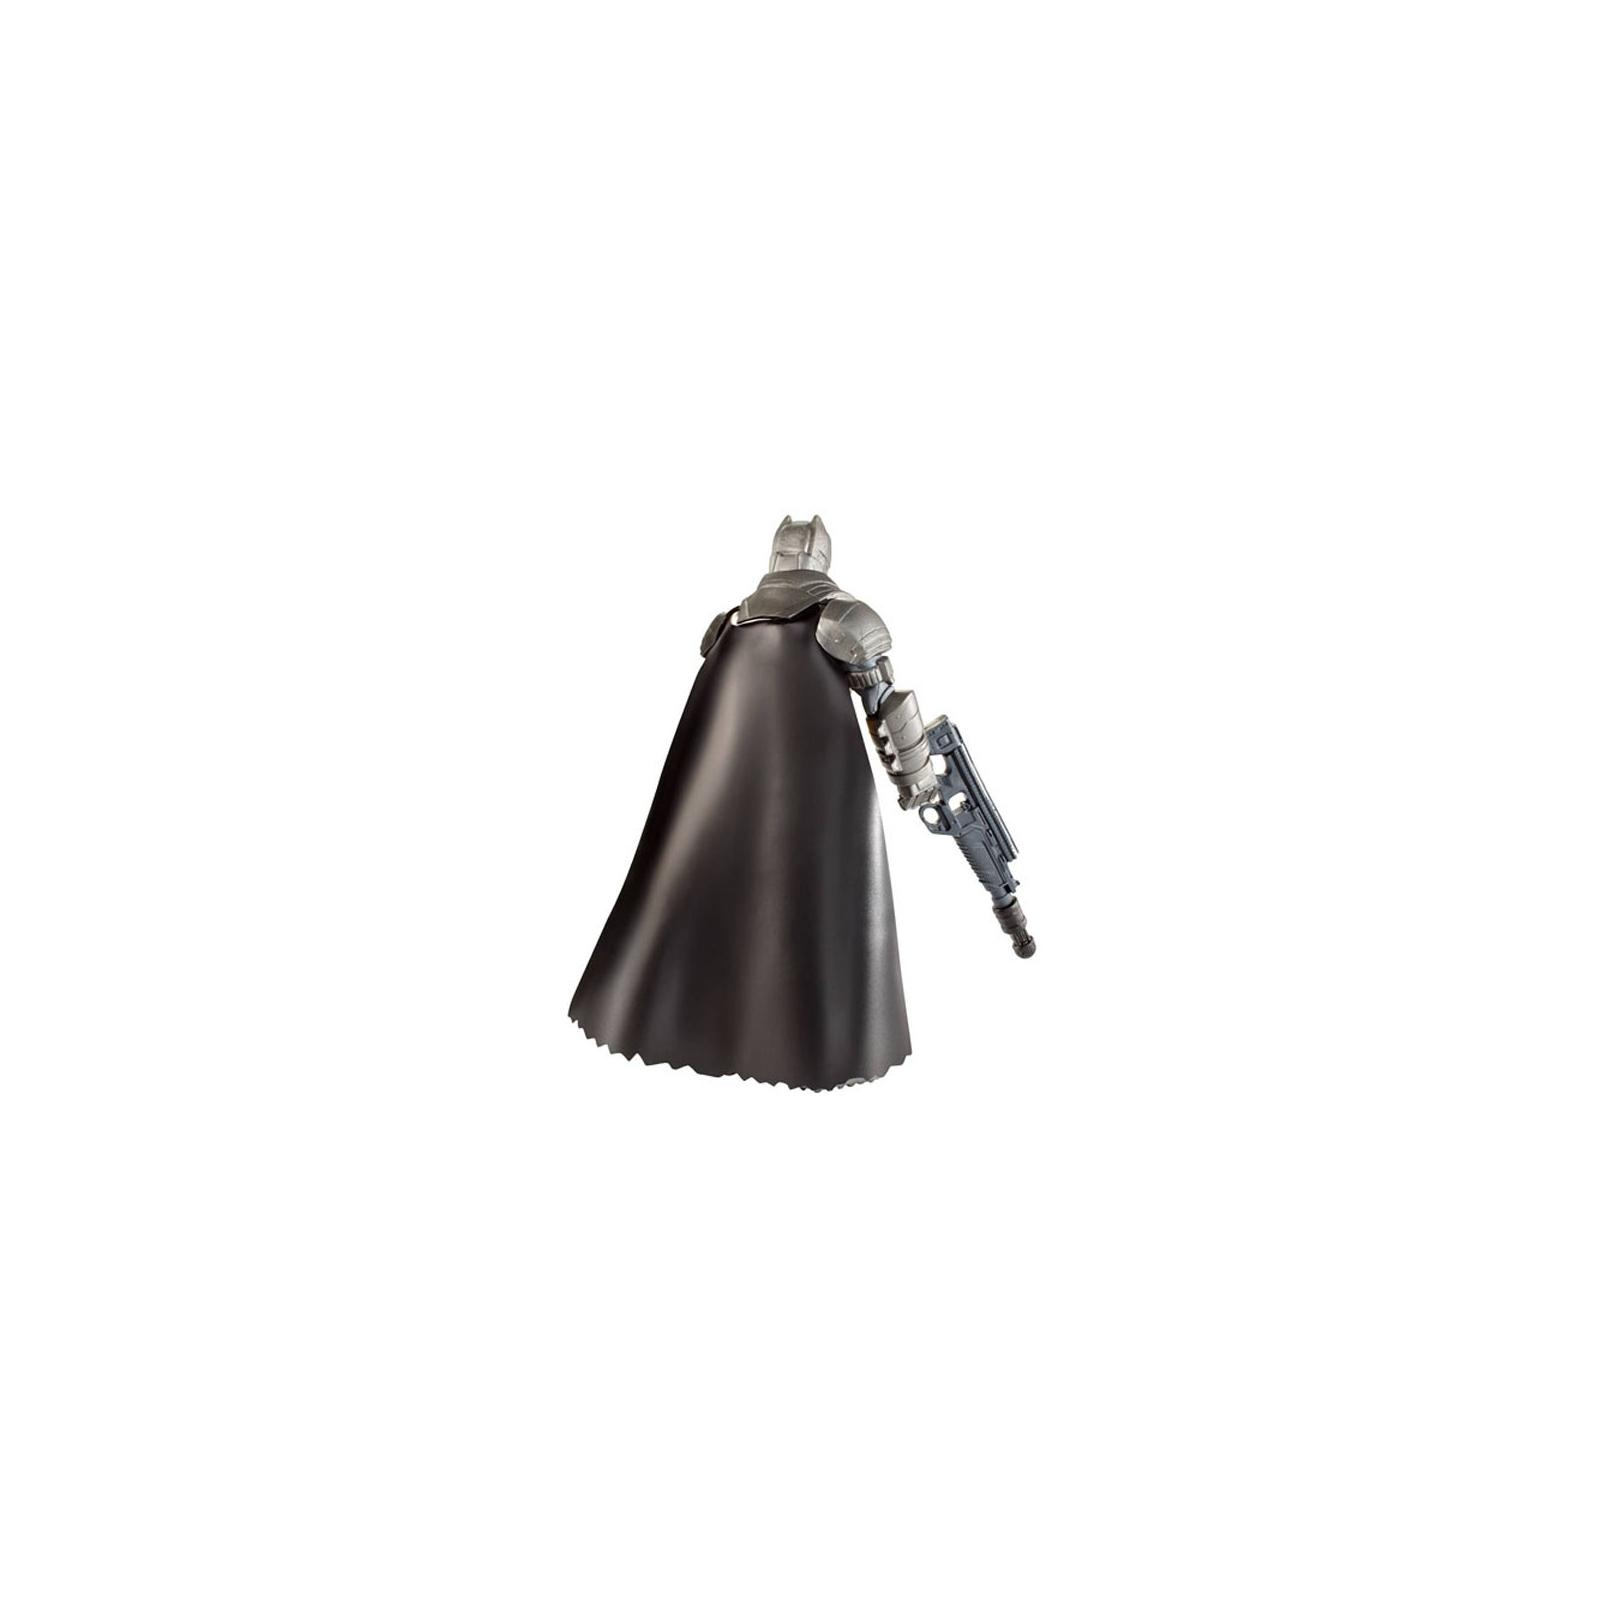 Фигурка Mattel Batman вооруженный 15 см Бэтмен против Супермена (DJG32) изображение 4